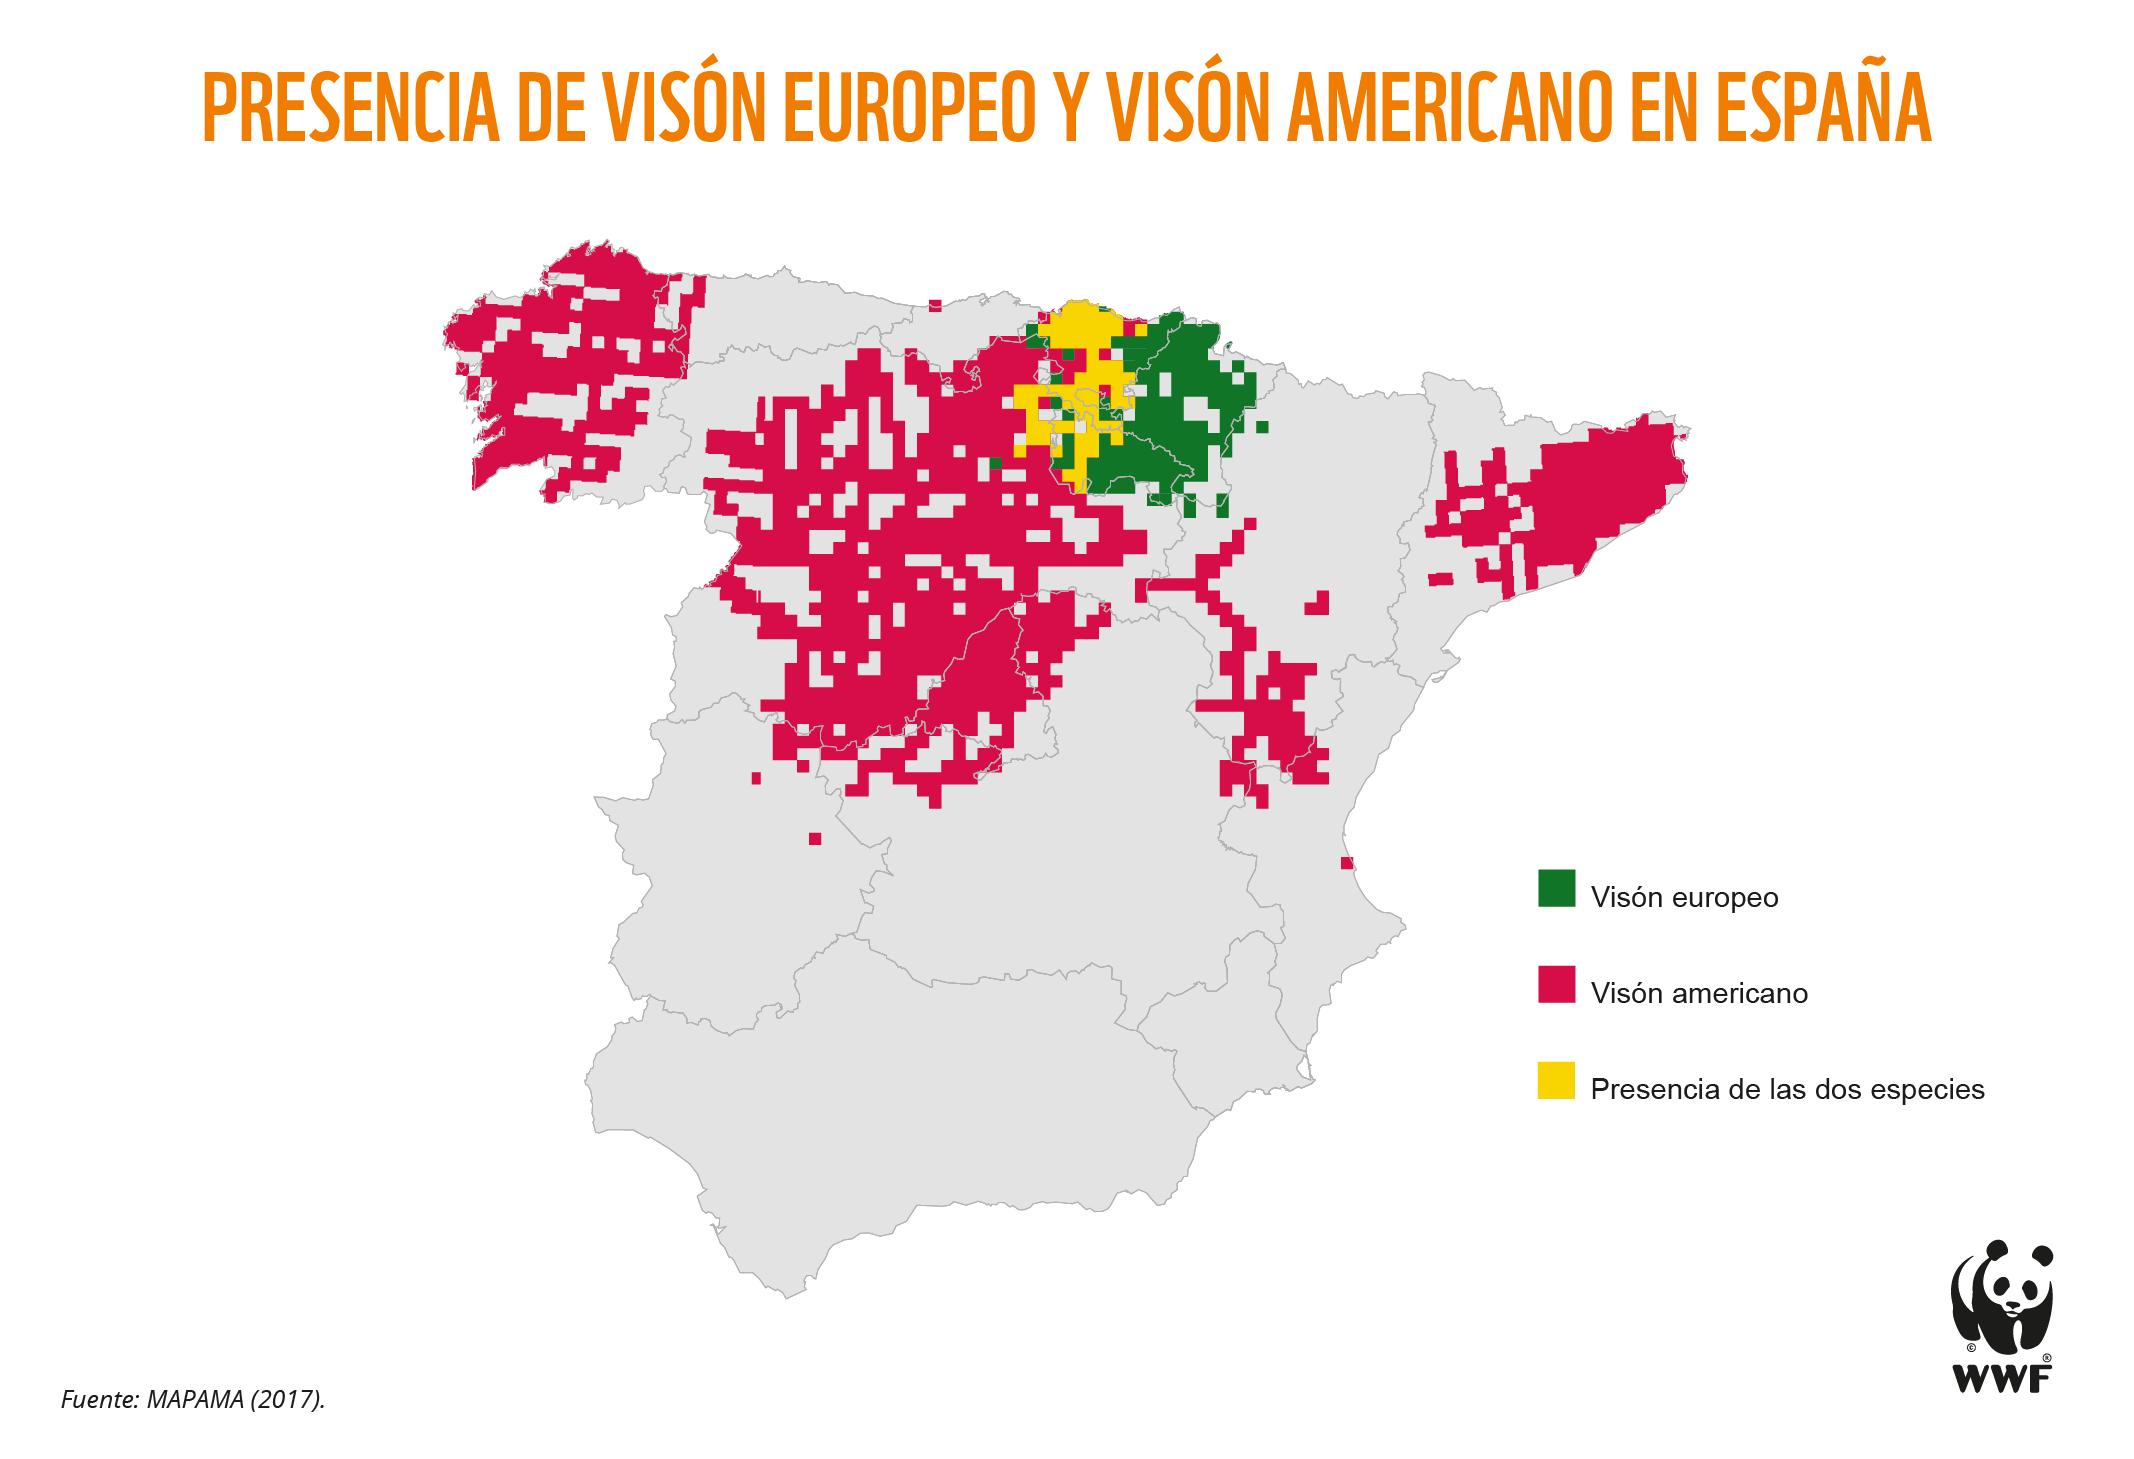 En  España, uno de sus últimos reductos, puede desaparecer en apenas siete años, ya que solo quedan 500 visones europeos. Imagen: WWF